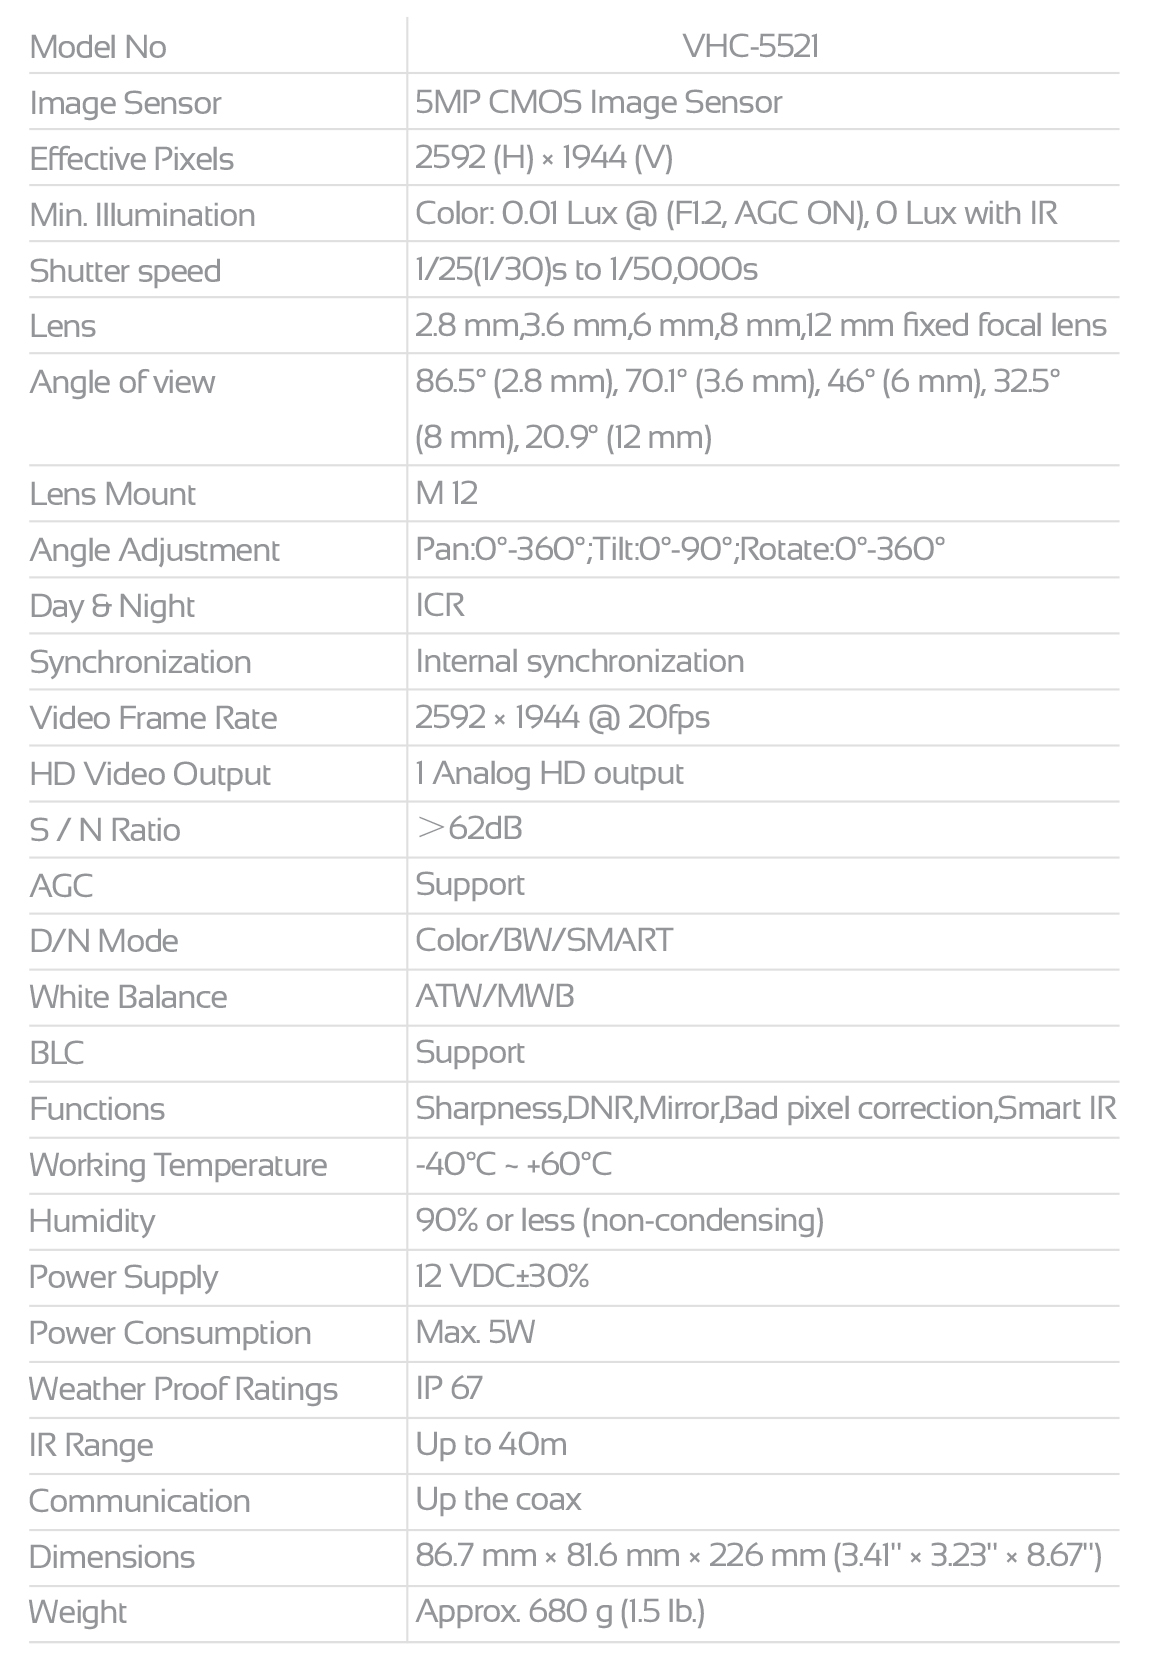 VERTINA-VHC-5521-data VHC-5521